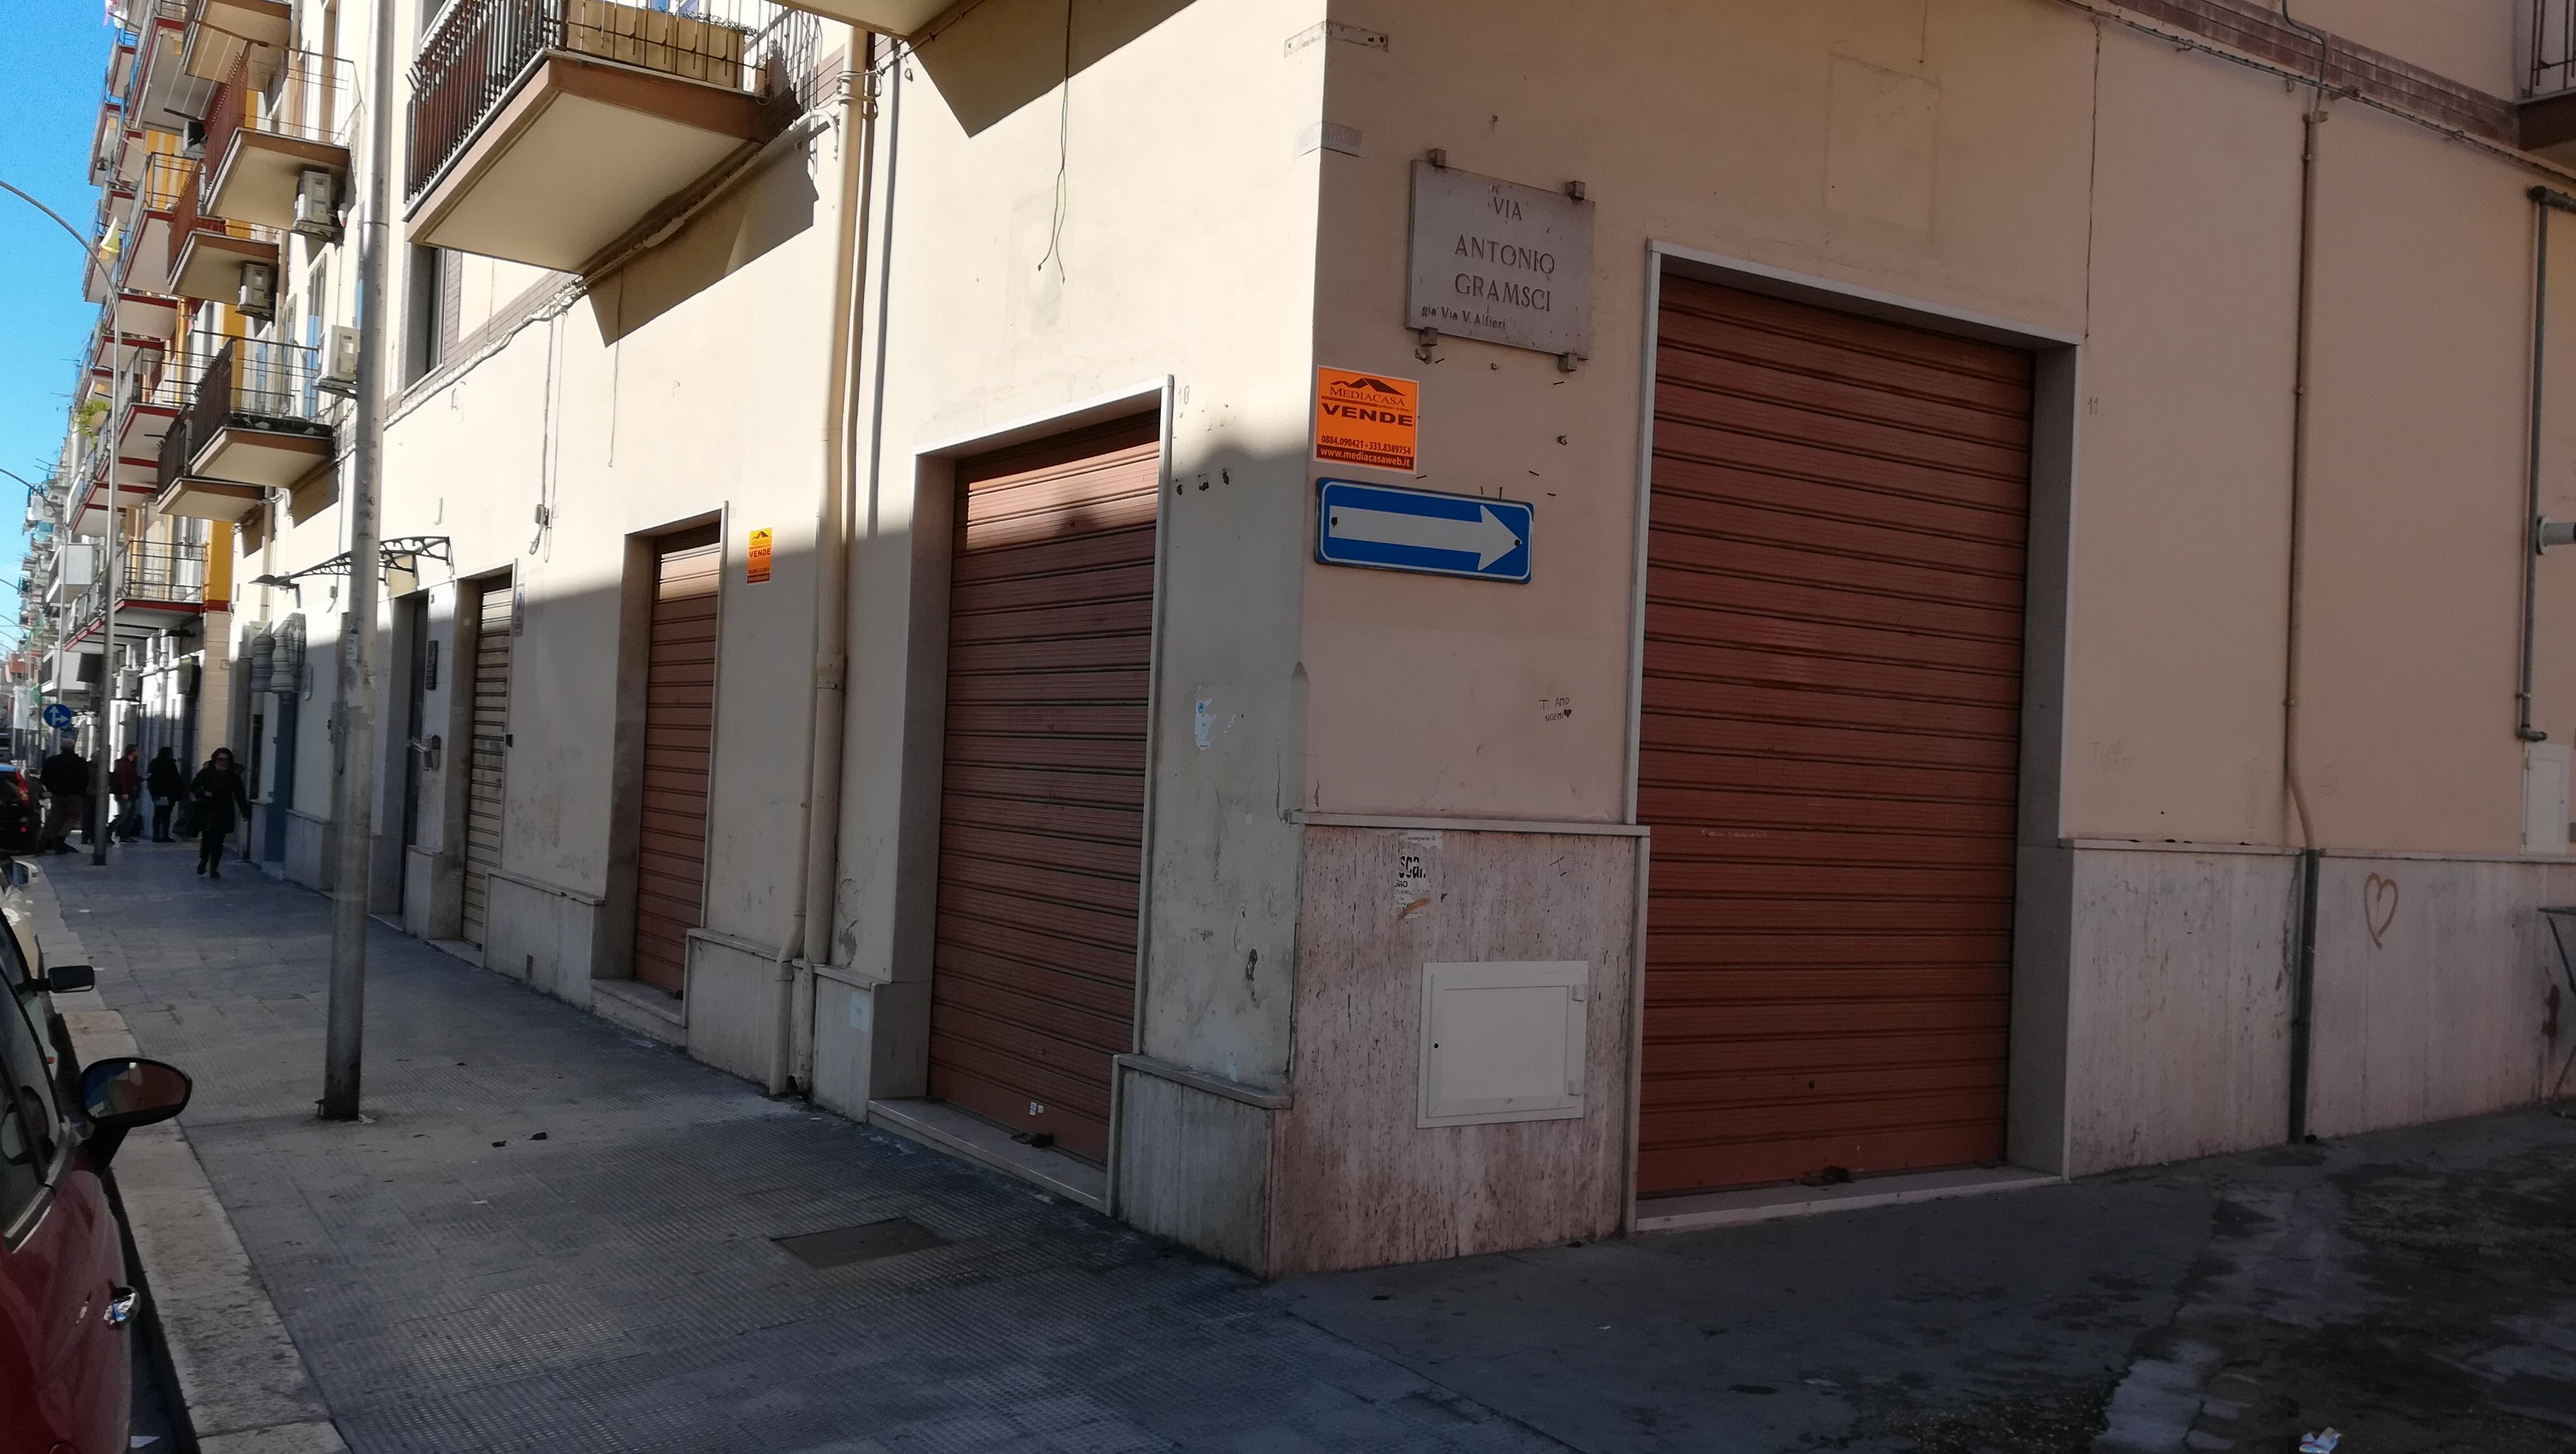 Negozio in Vendita a Manfredonia